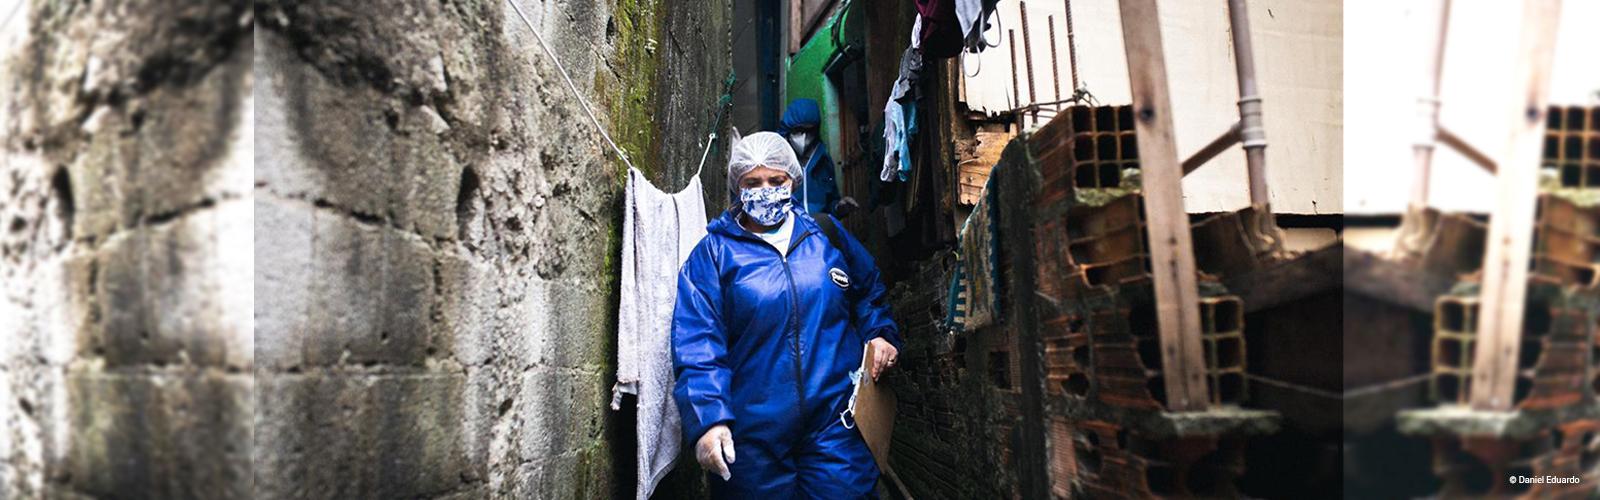 Imagem mostra uma mulher de máscara de proteção e agasalho azul andando pela comunidade de Paraisópolis